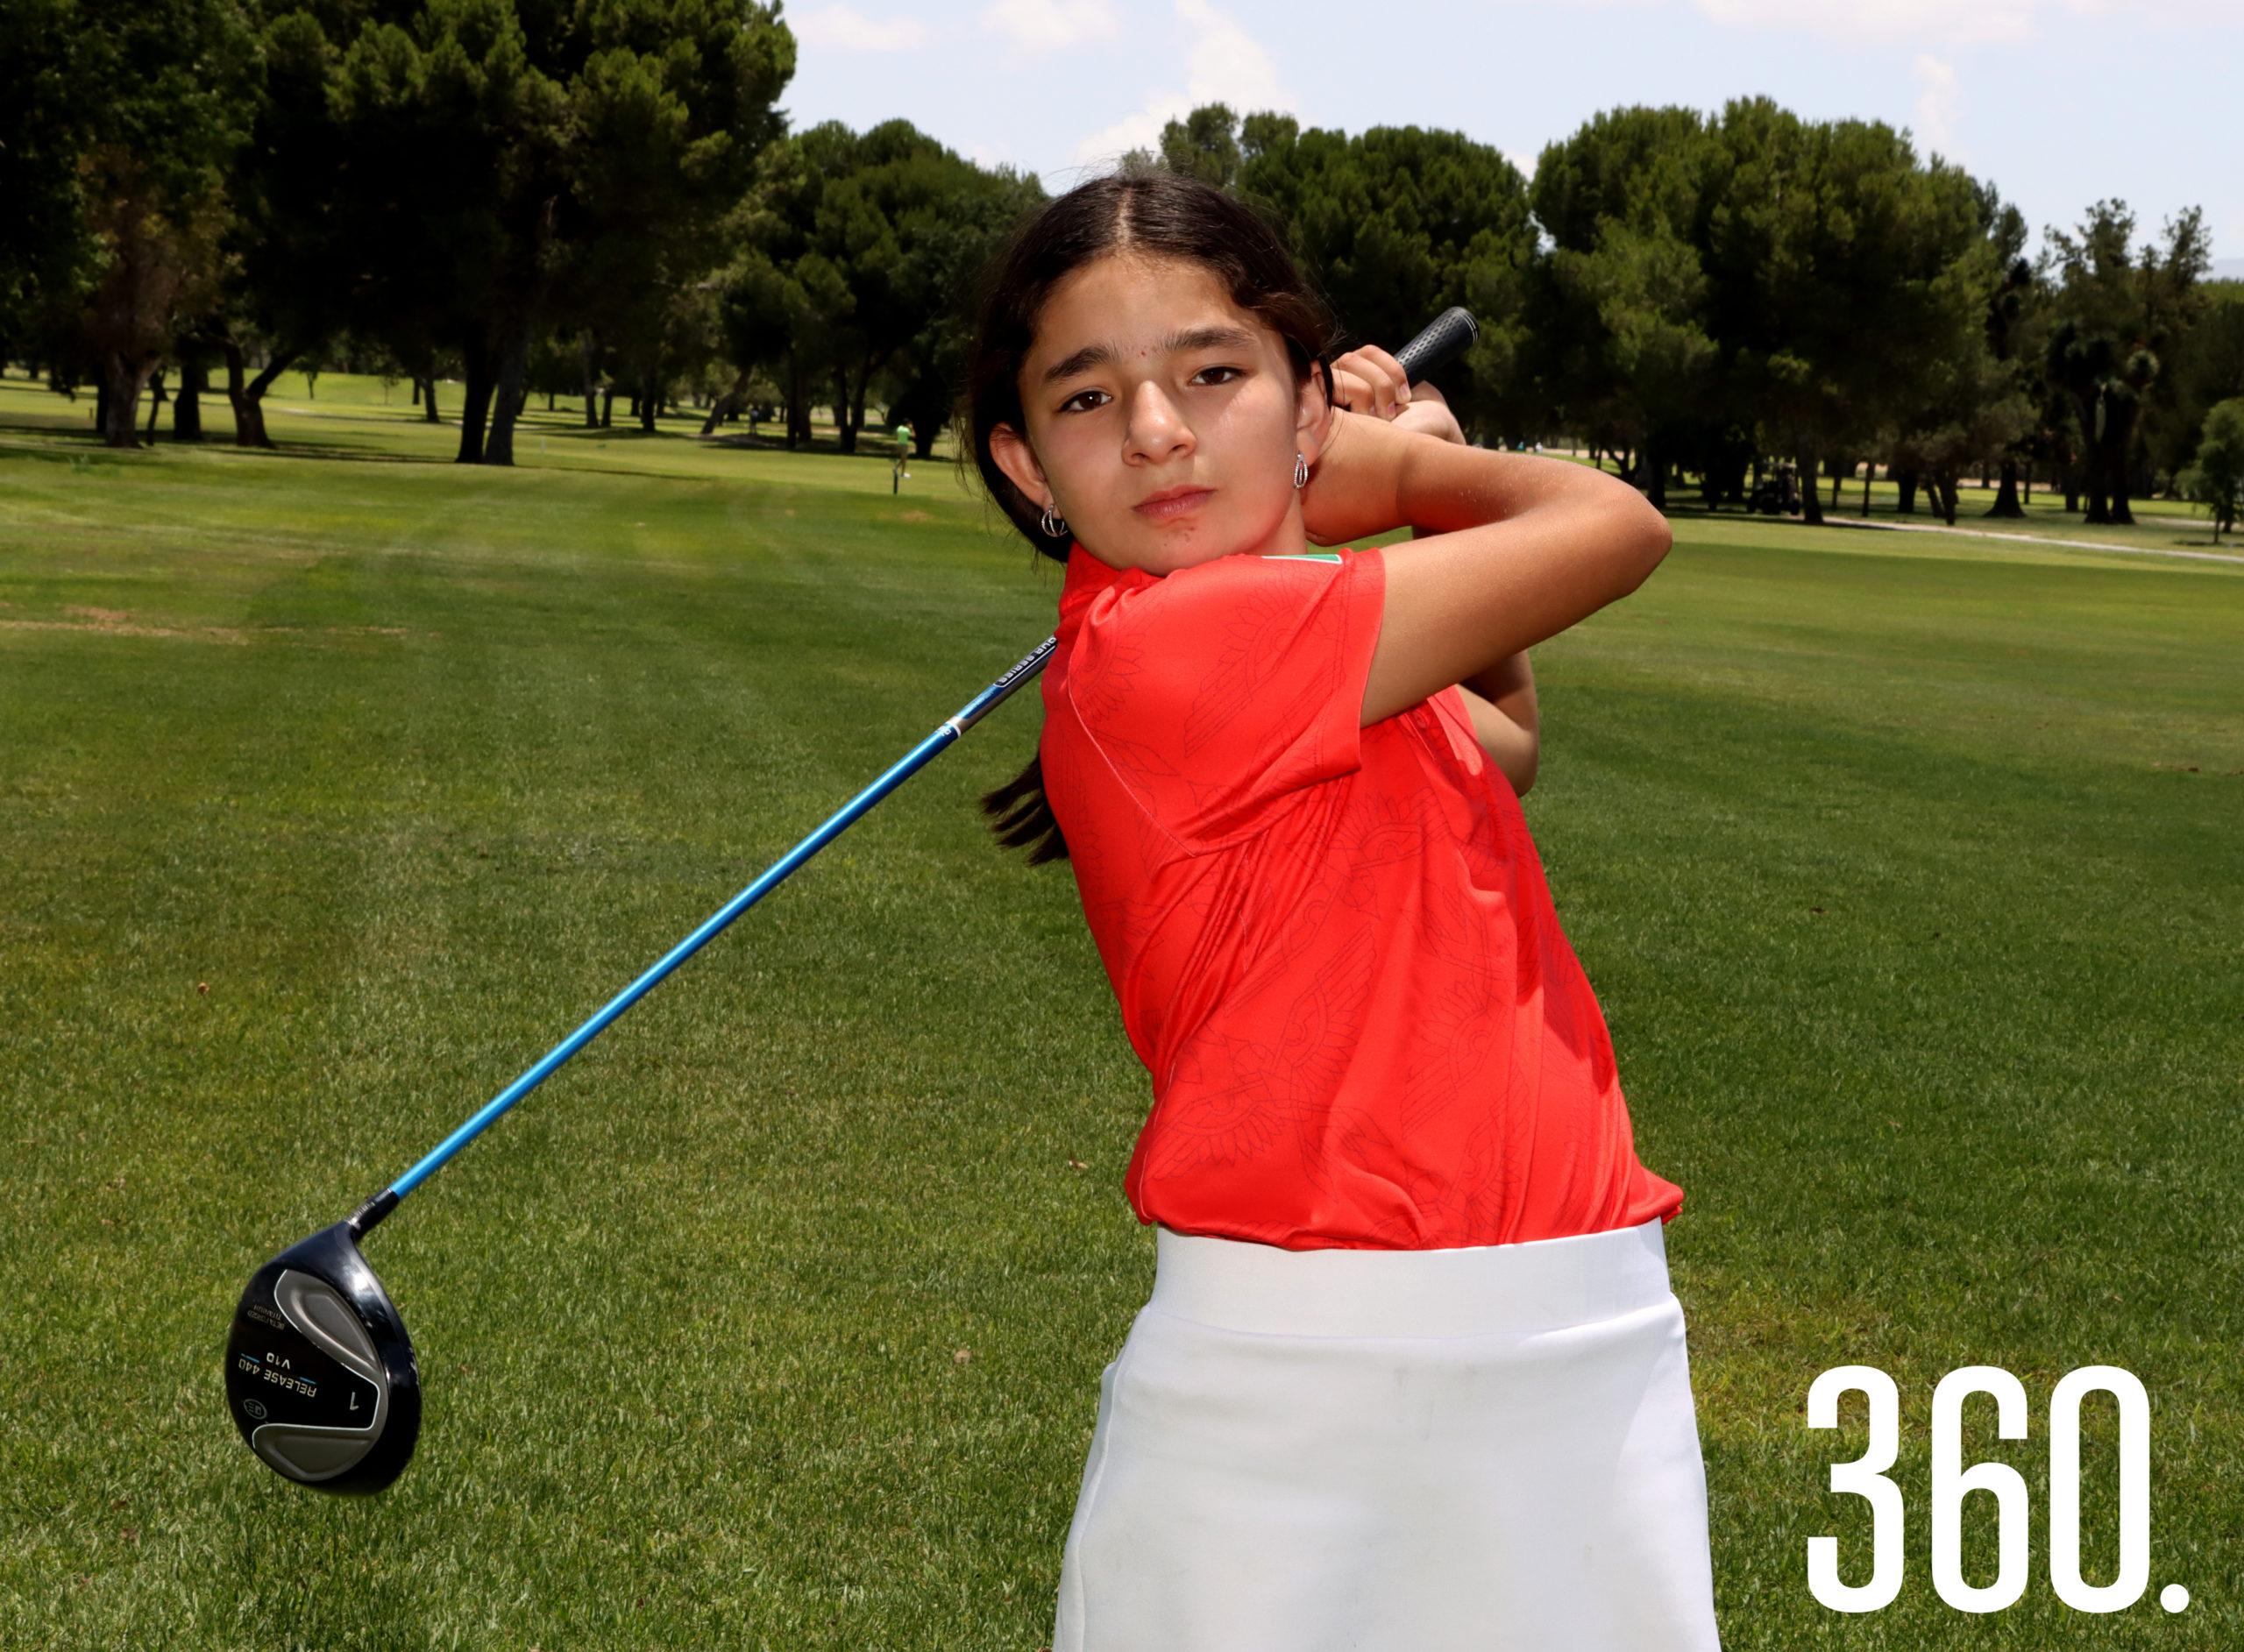 """Paloma Ibarra Ambia, participará en el """"US Kids World Championship 2021"""", en la categoría 12 años."""